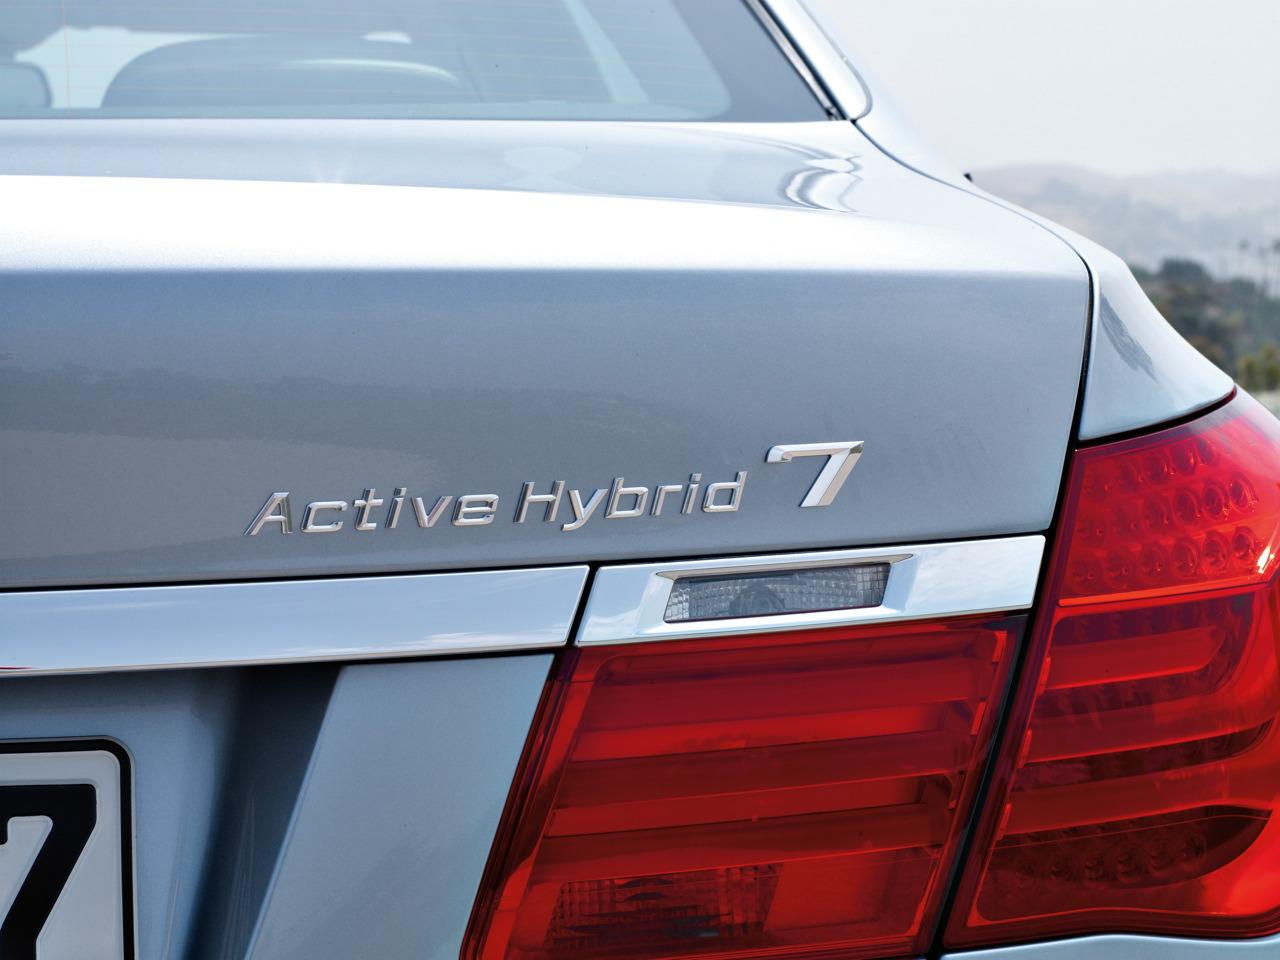 مدير عام استثمار الموارد لسرايا : شراء مركبة (BMW) بـ(65) ألف دينار بموافقة رئاسة الوزراء